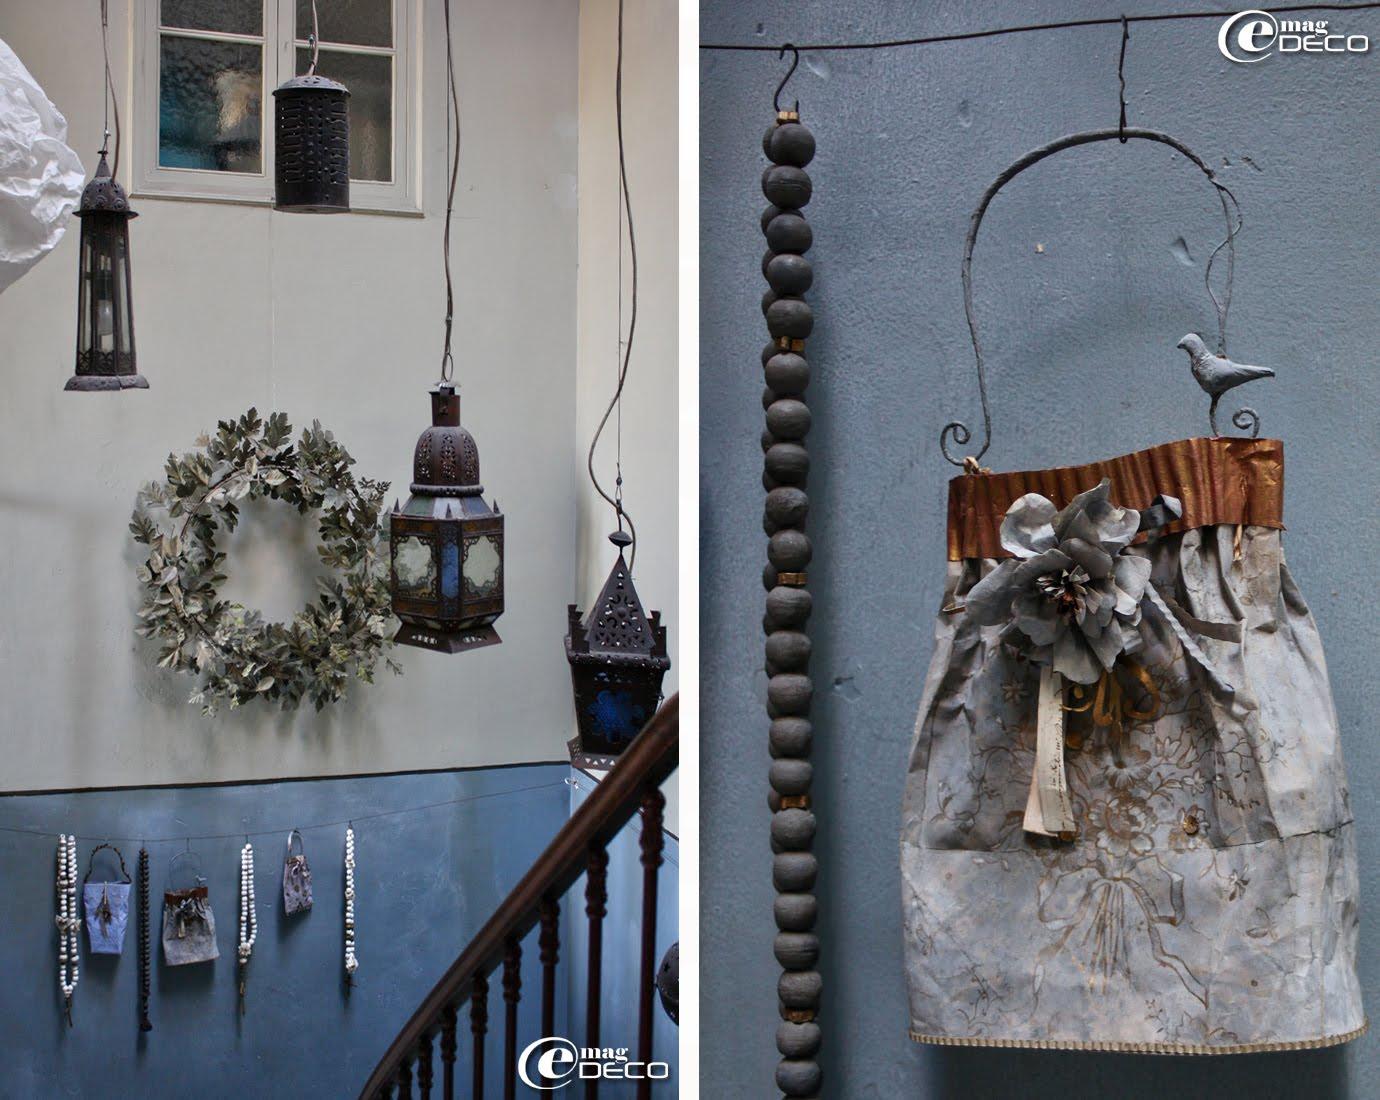 Suspendus à un fil de fer quelques colliers chapelet confectionnés à partir de cotillons et des sacs à rien en papier, créations Miss Clara